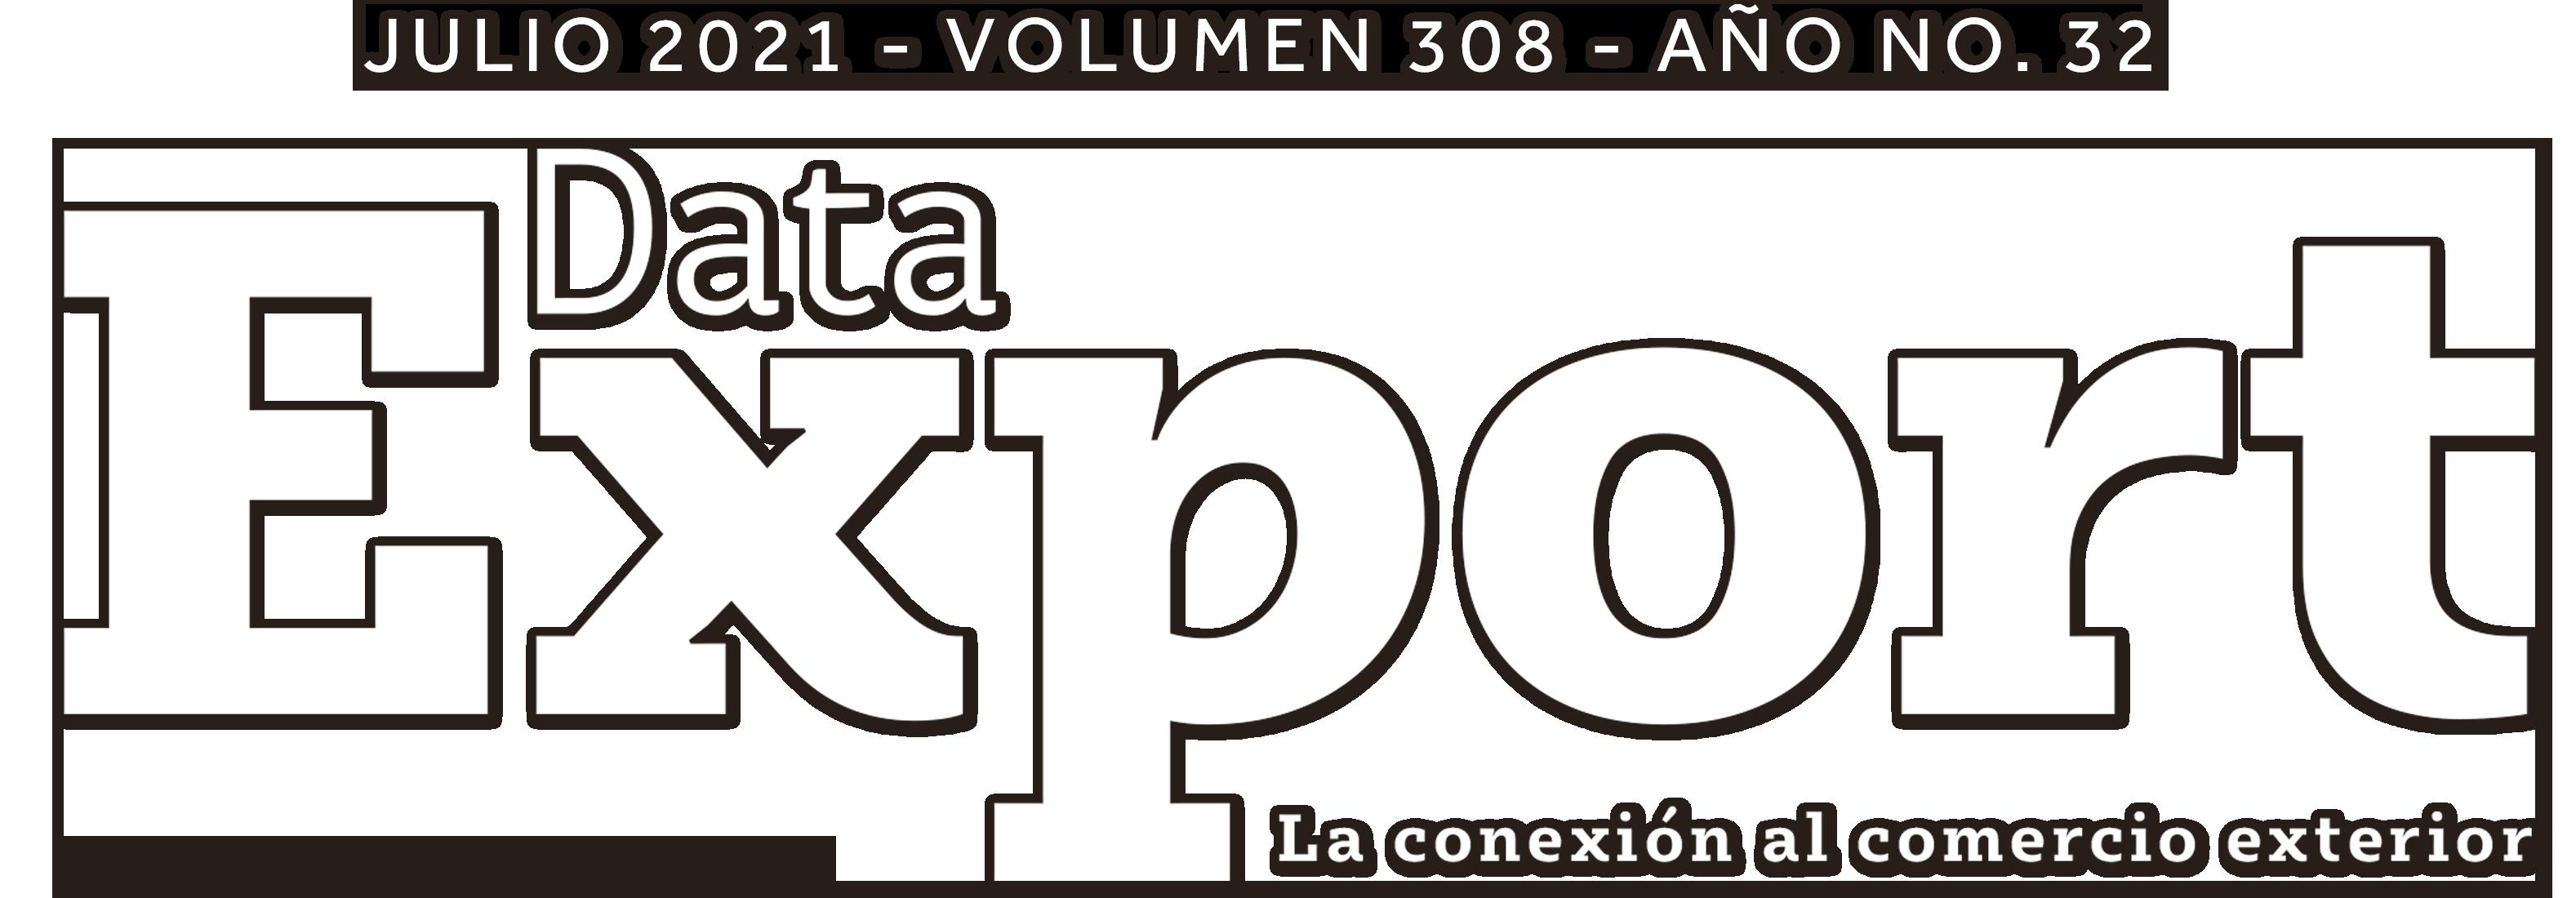 DataExport Revista Digital